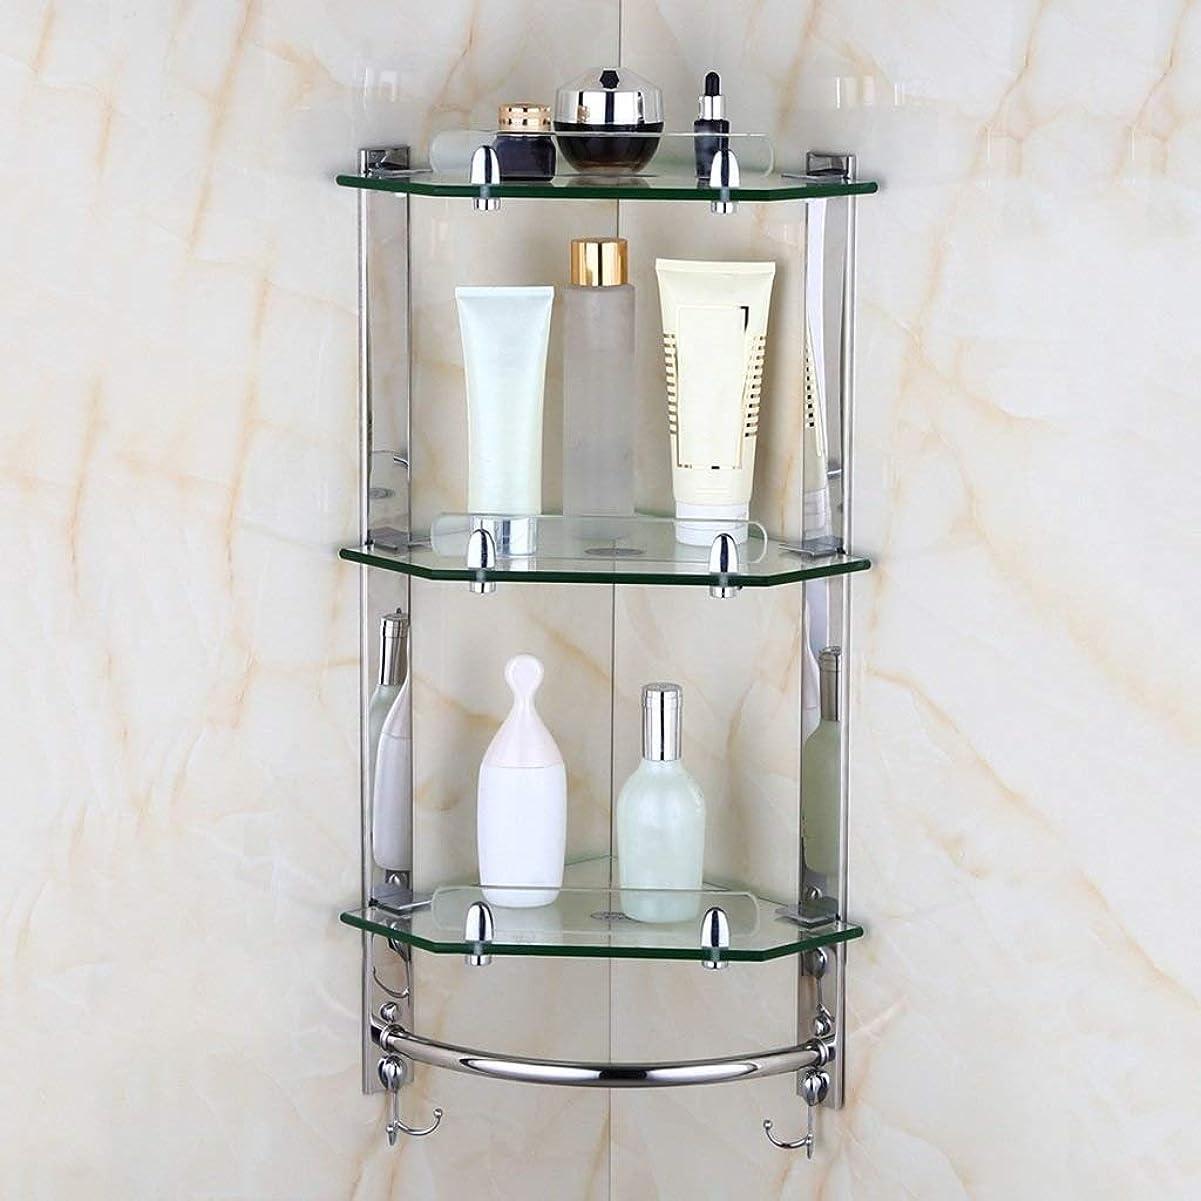 スタイル変装したグリースMYMMZ タオル掛け、透明ガラス製浴室棚、多機能コーナーウォールマウントシルバーステンレススチールタオル掛け (Color : C)